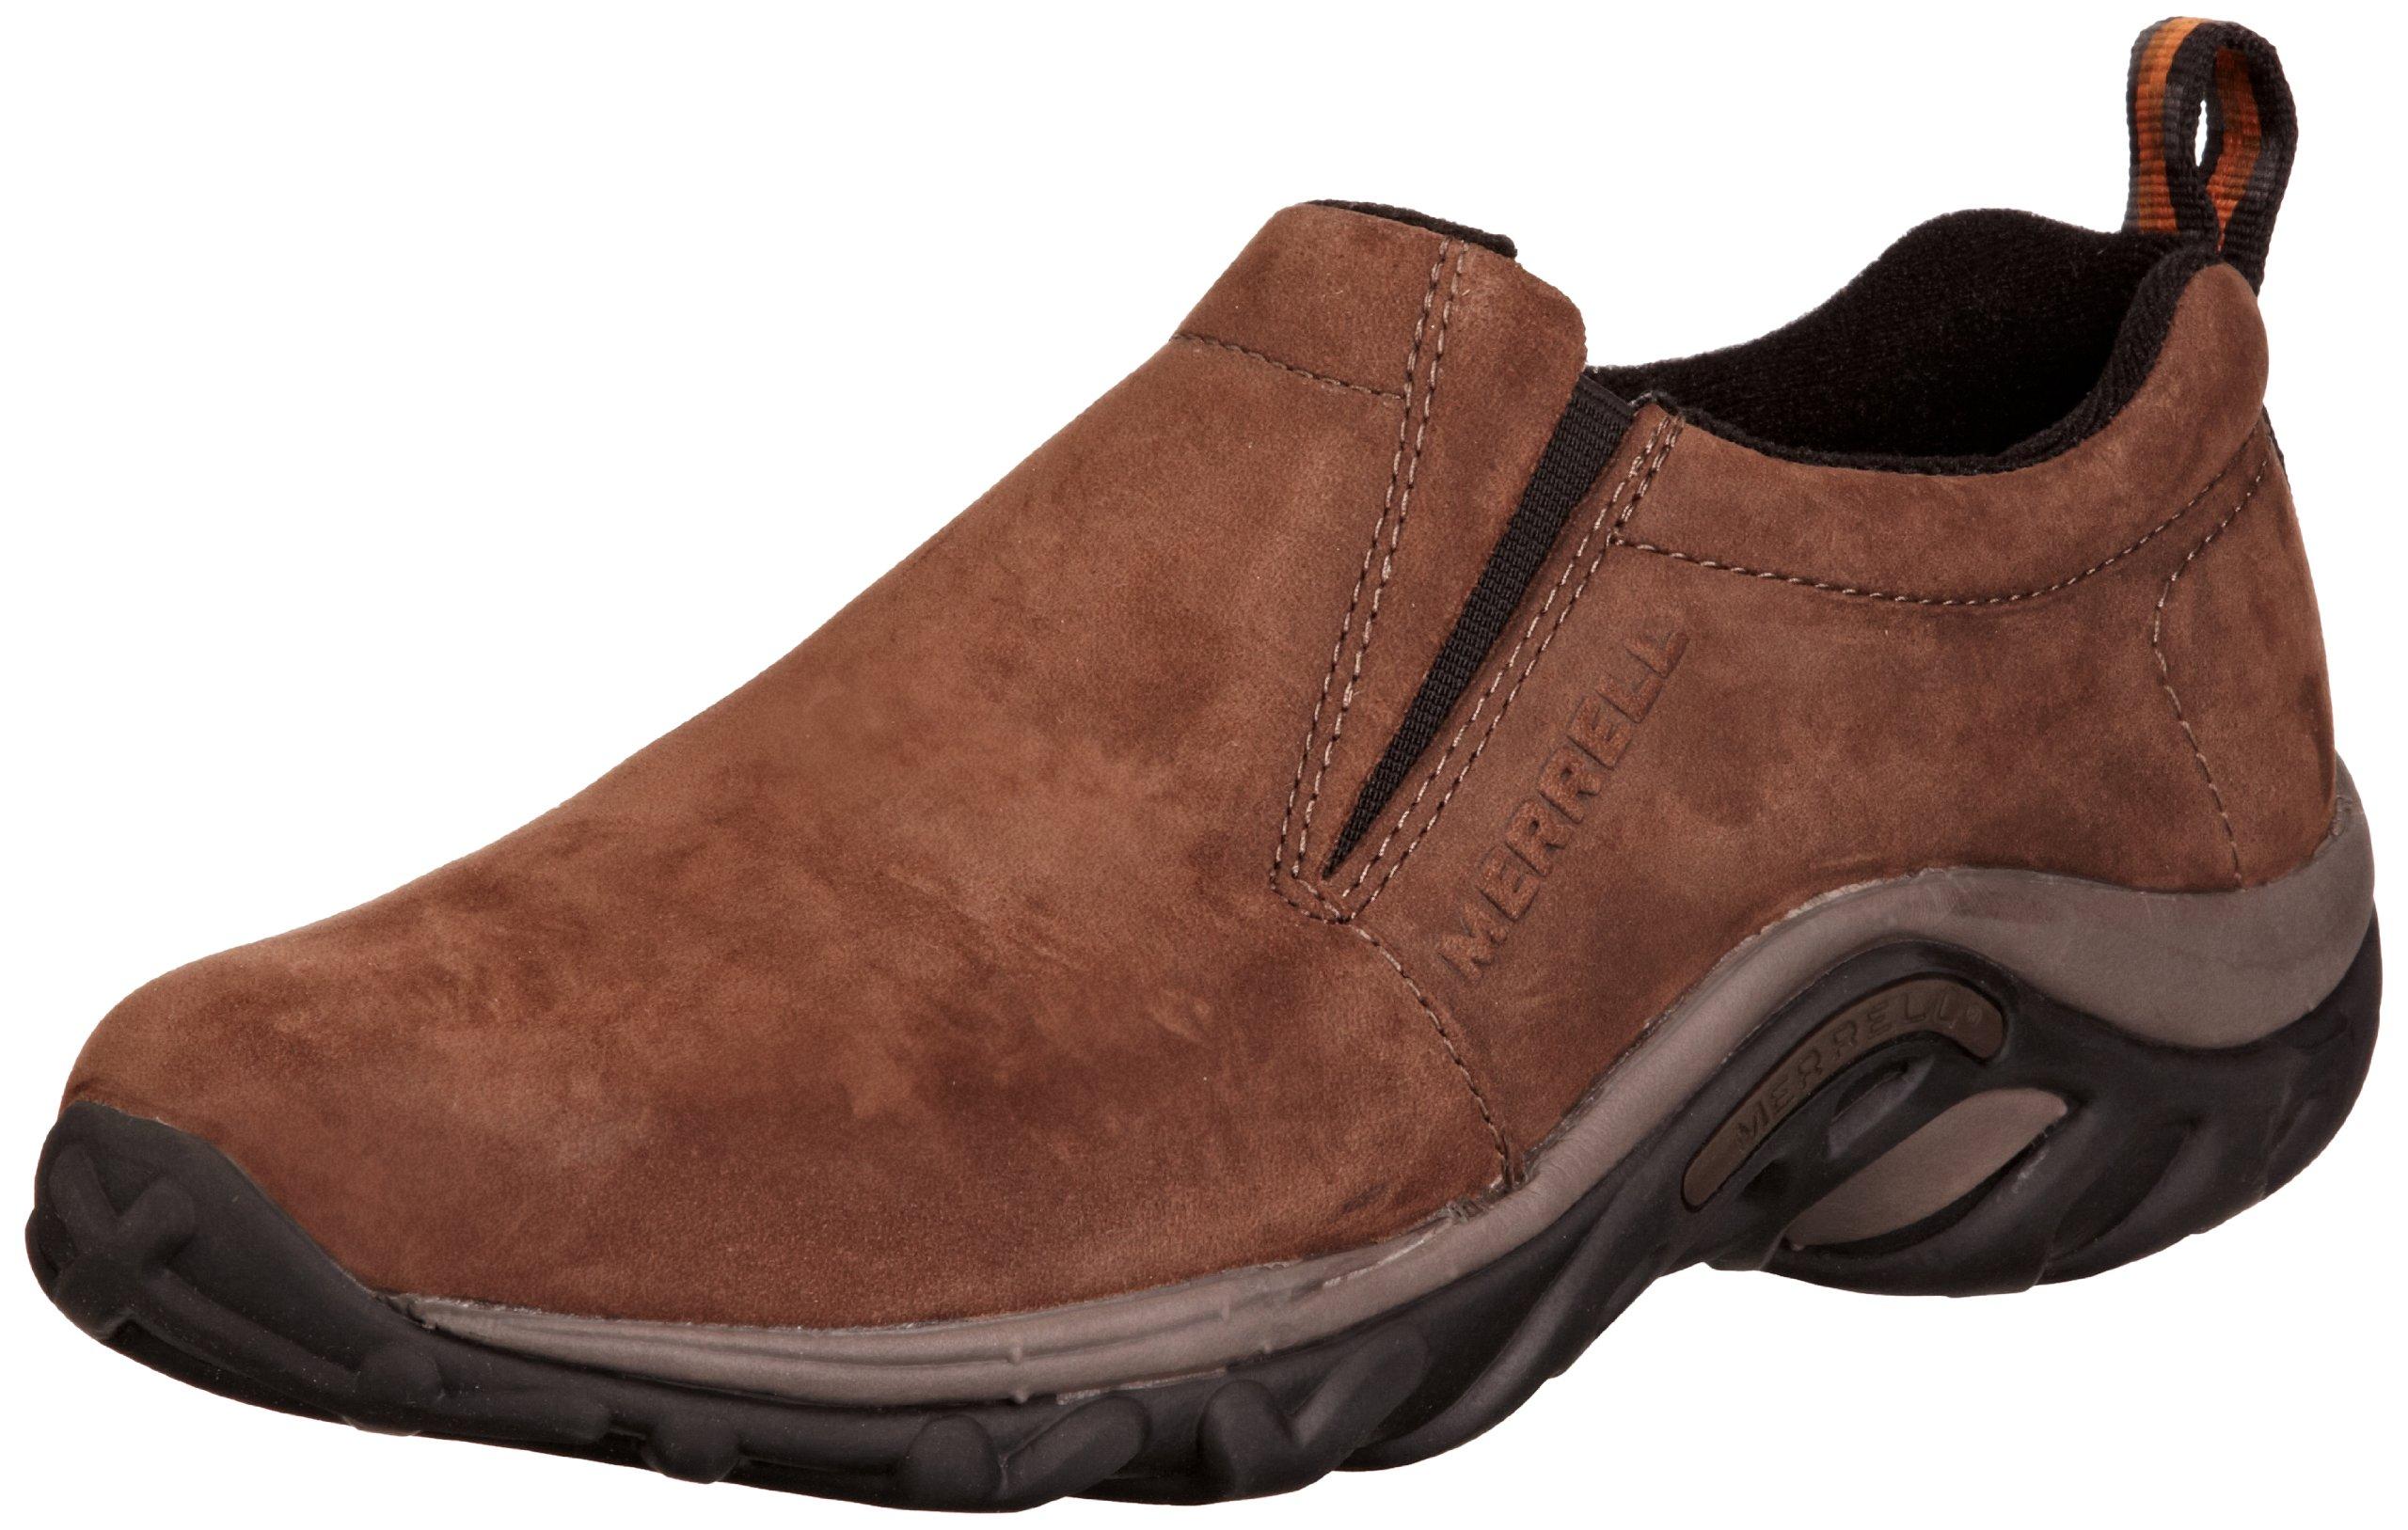 Merrell Men's Jungle Moc Nubuck Slip-On Shoe,Brown Nubuck,7 2E US